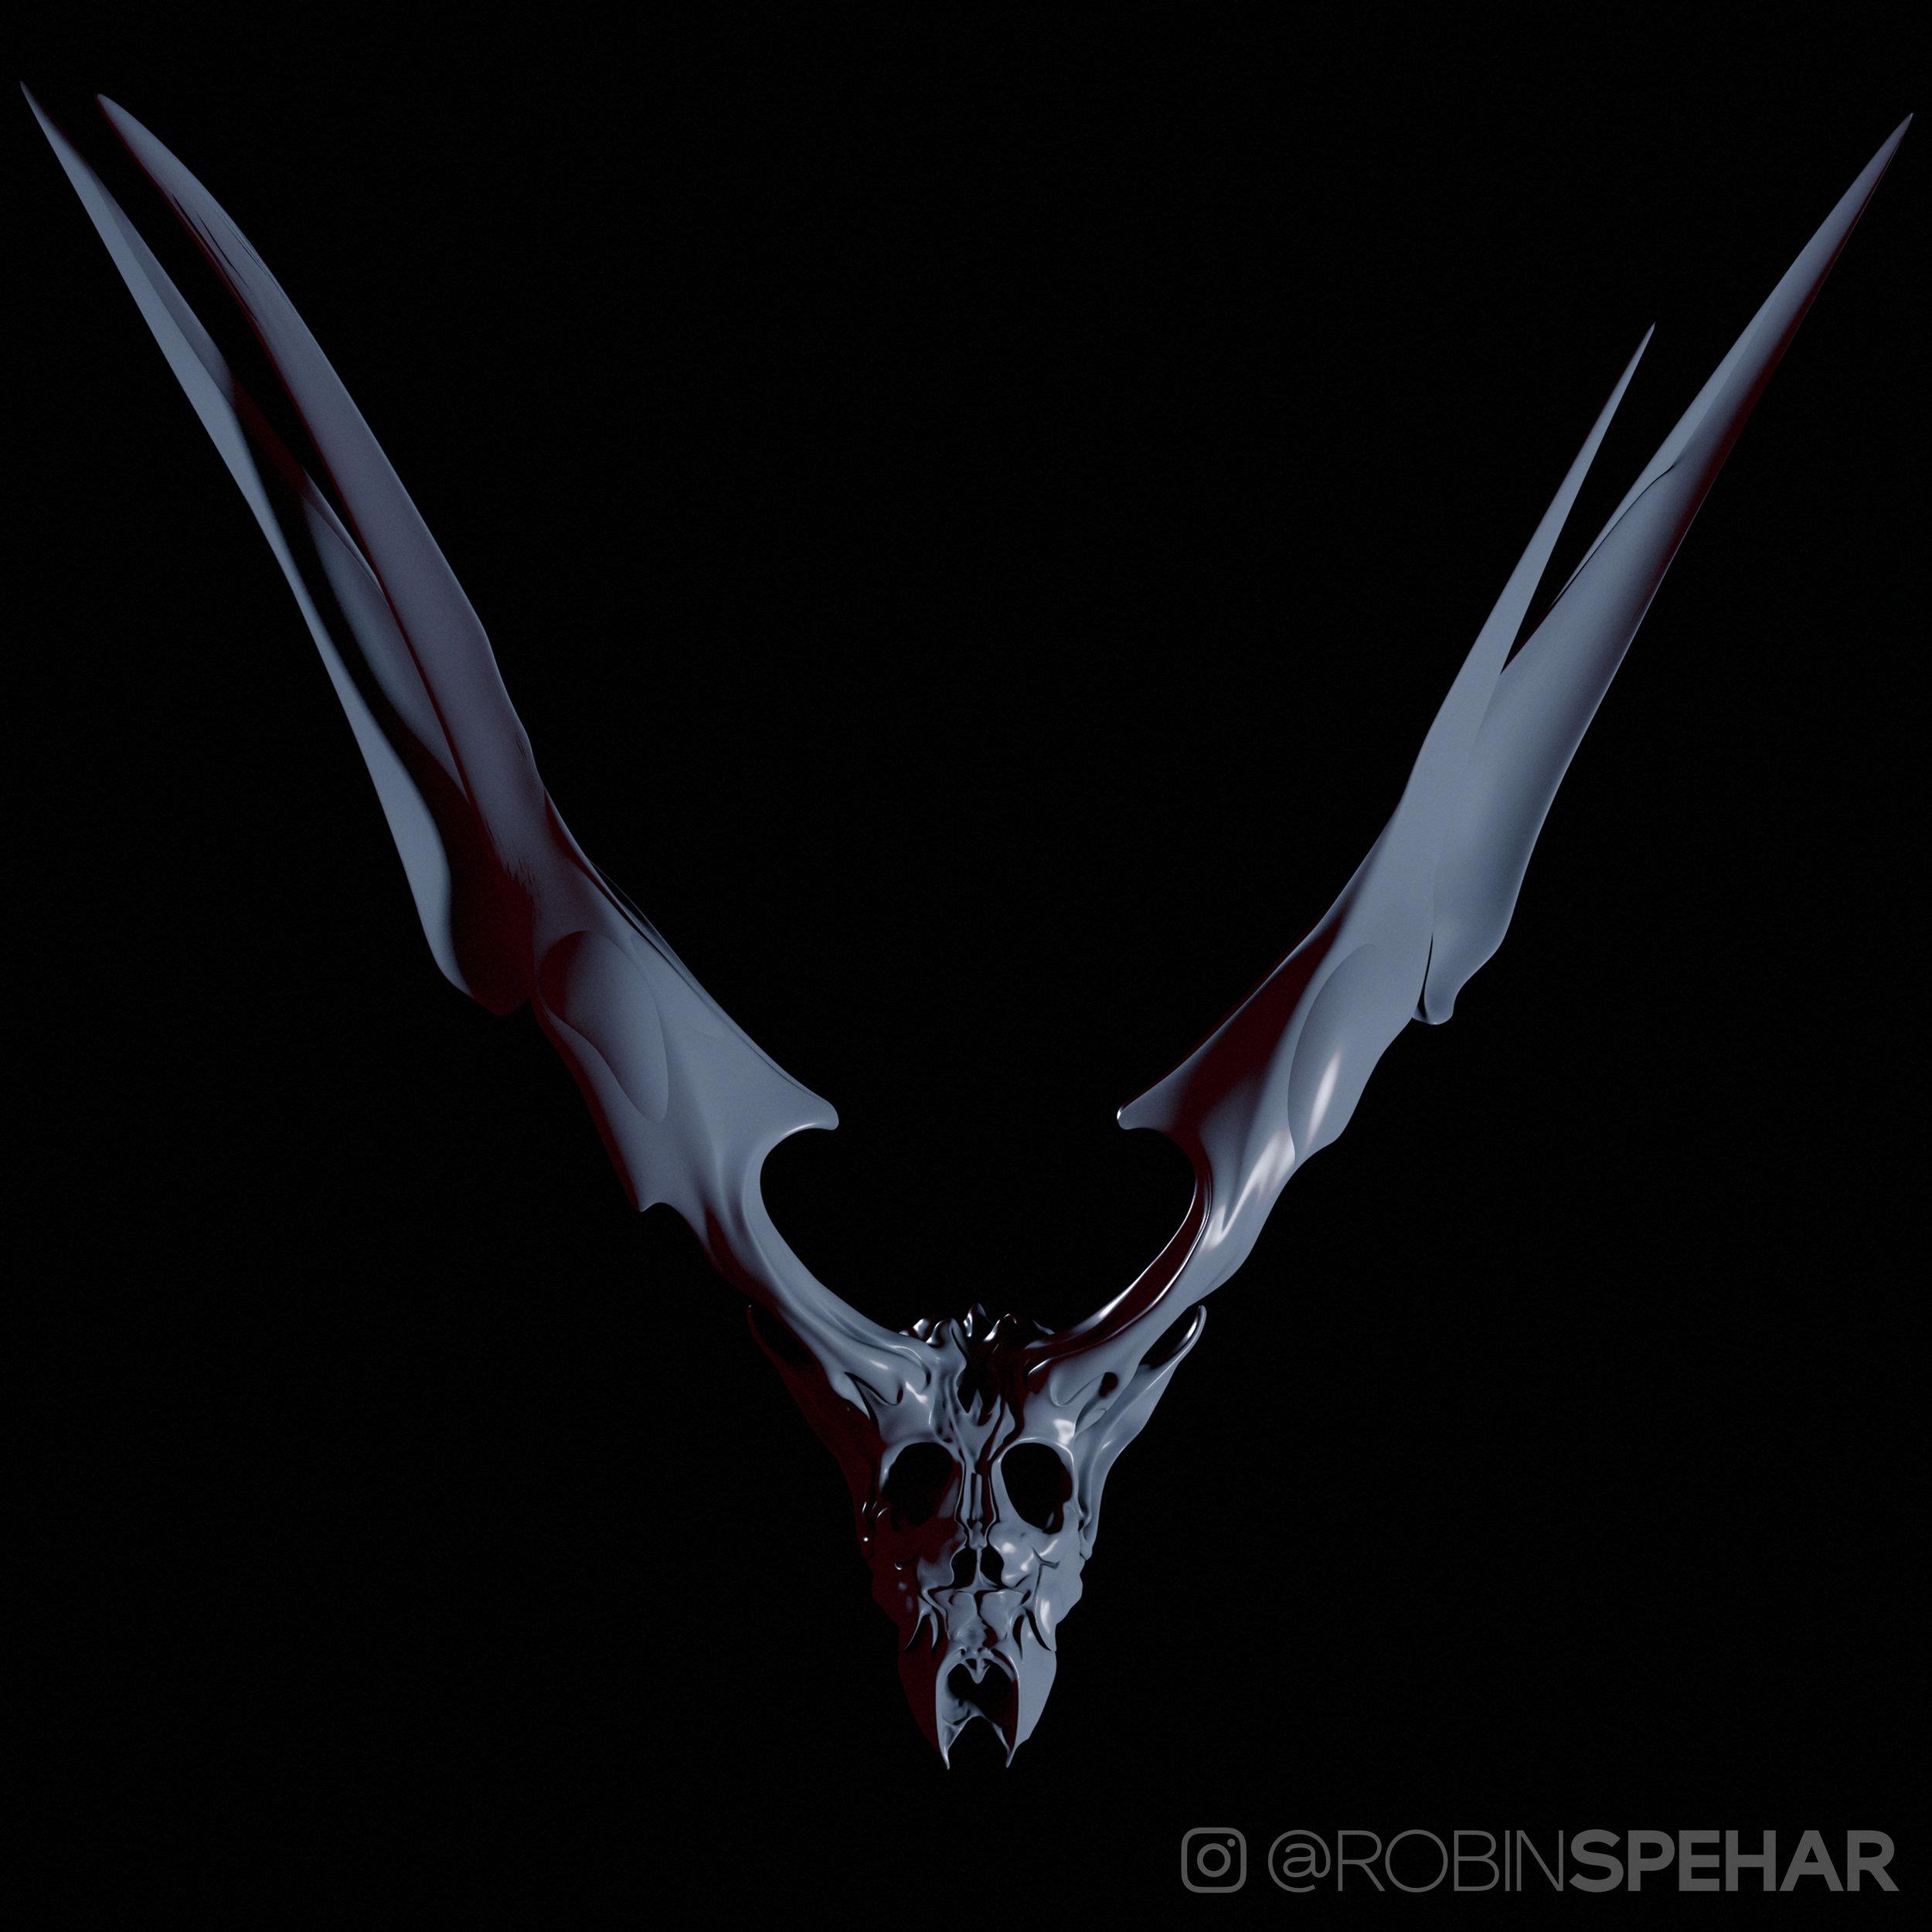 sword_demon_watermark.jpg